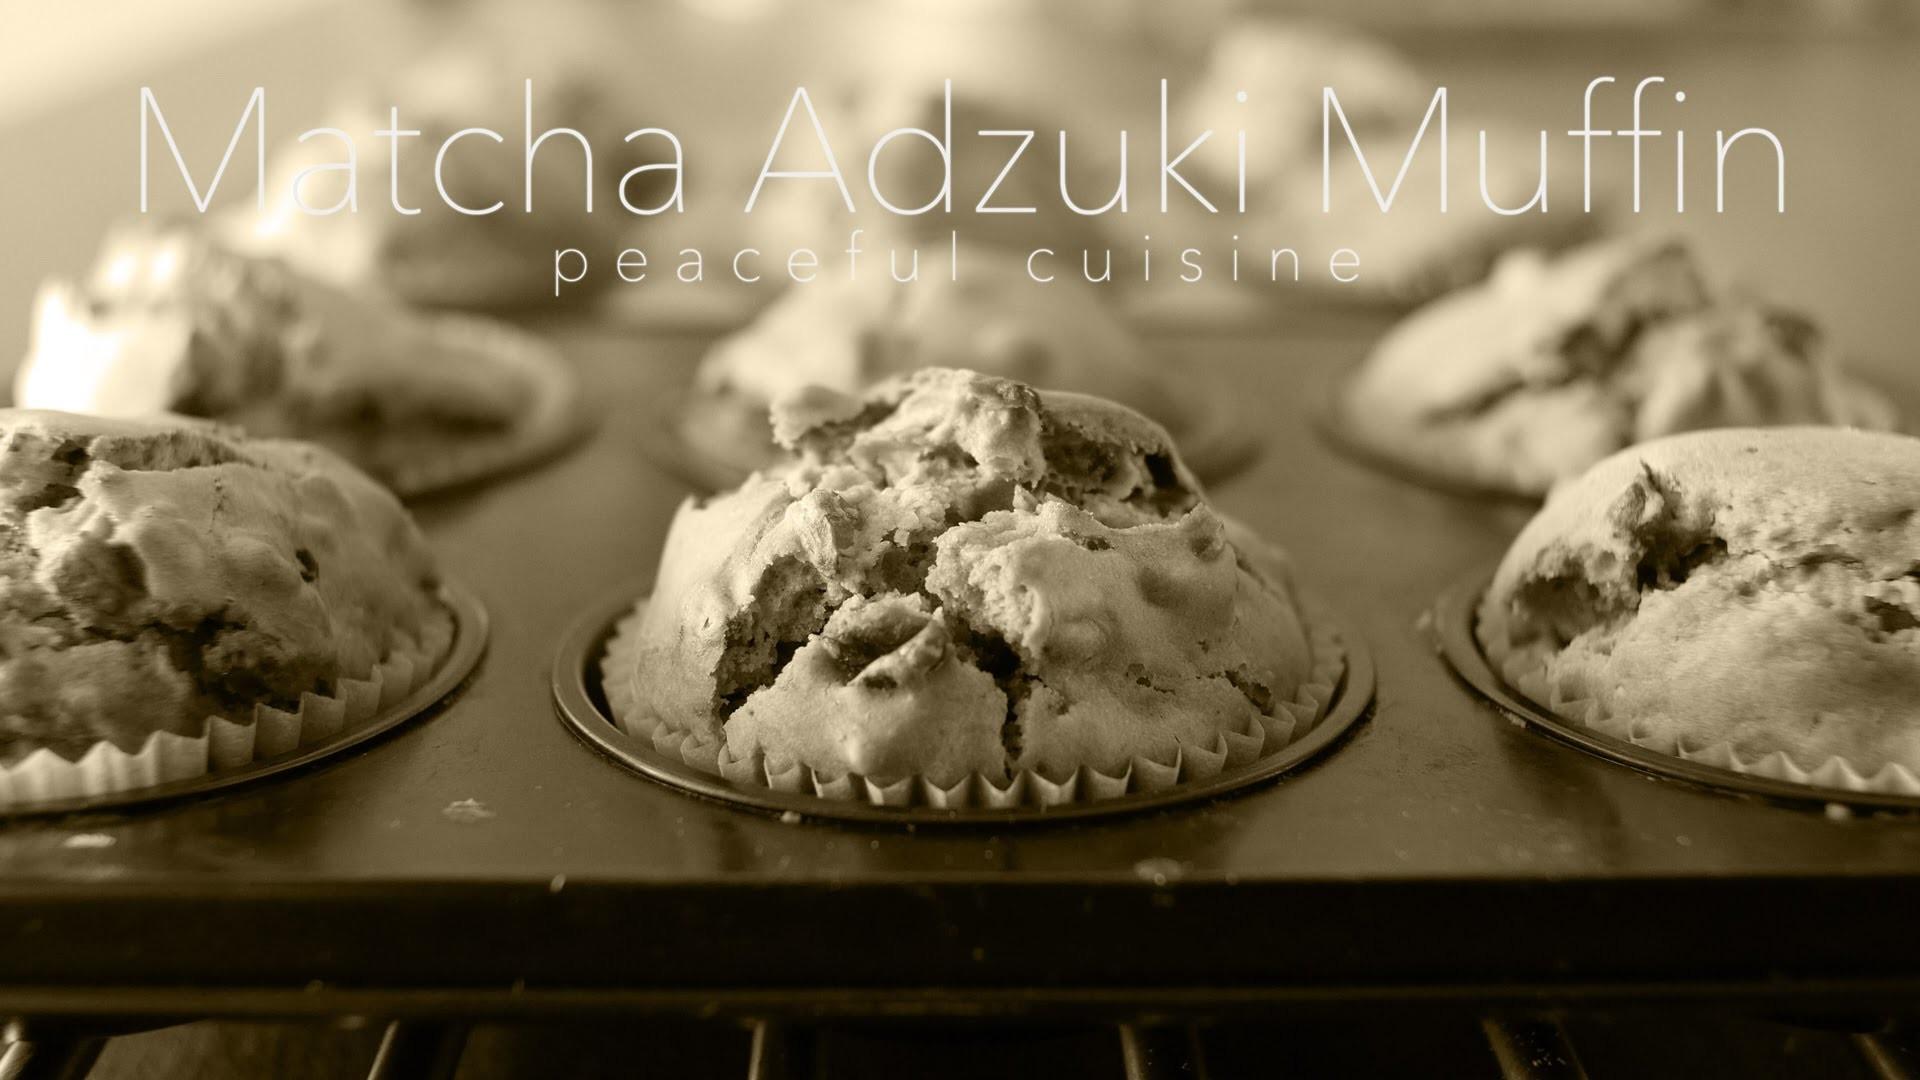 [No Music] How to make Matcha & Adzuki beans Muffin